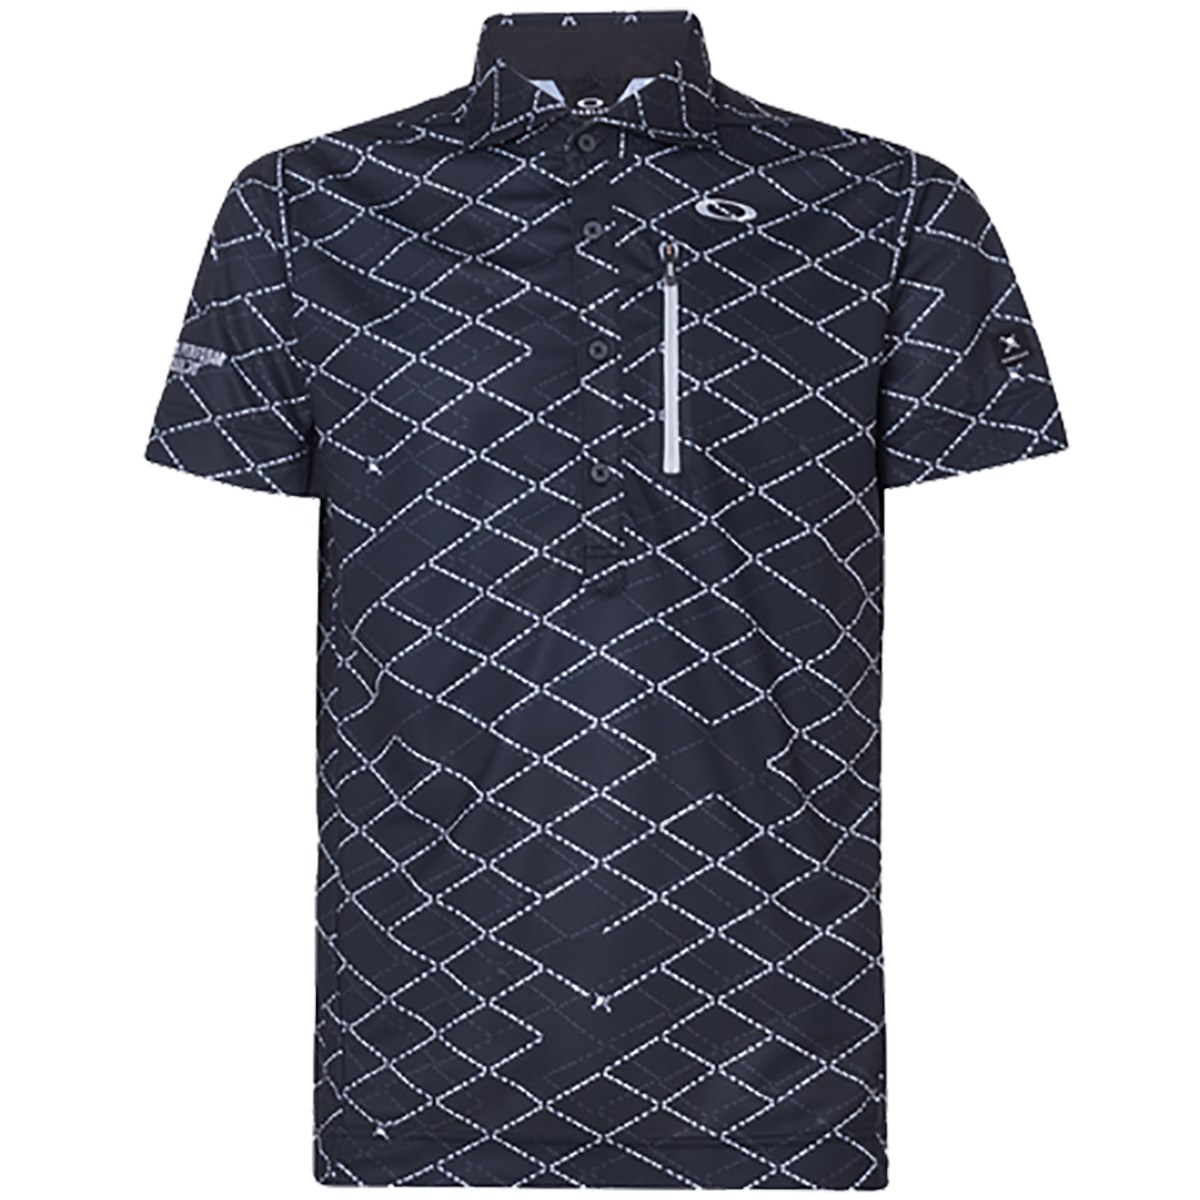 オークリー(OAKLEY) スカル Displace Grid 半袖ポロシャツ